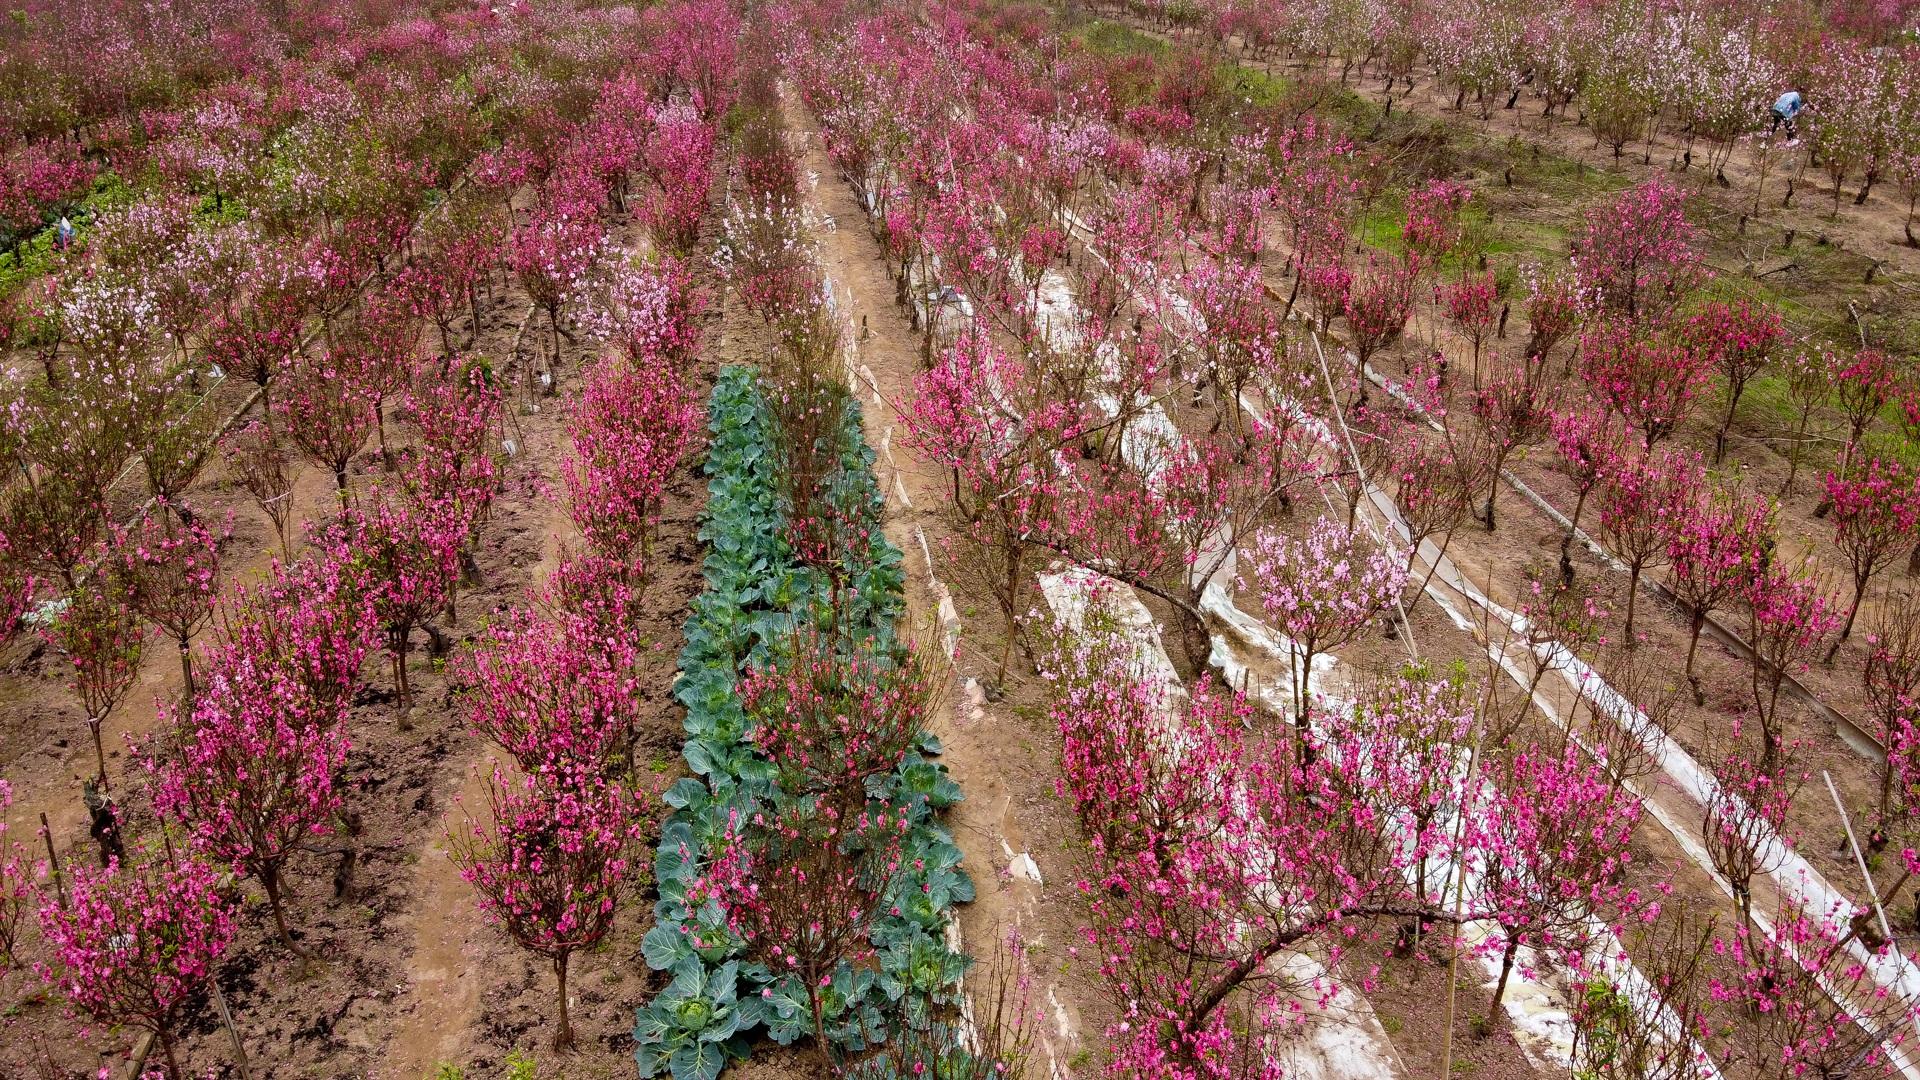 Đào Nhật Tân bung nở, rụng đỏ gốc: Khách kéo nhau chụp ảnh, nông dân thẫn thờ lo trắng tay - 24